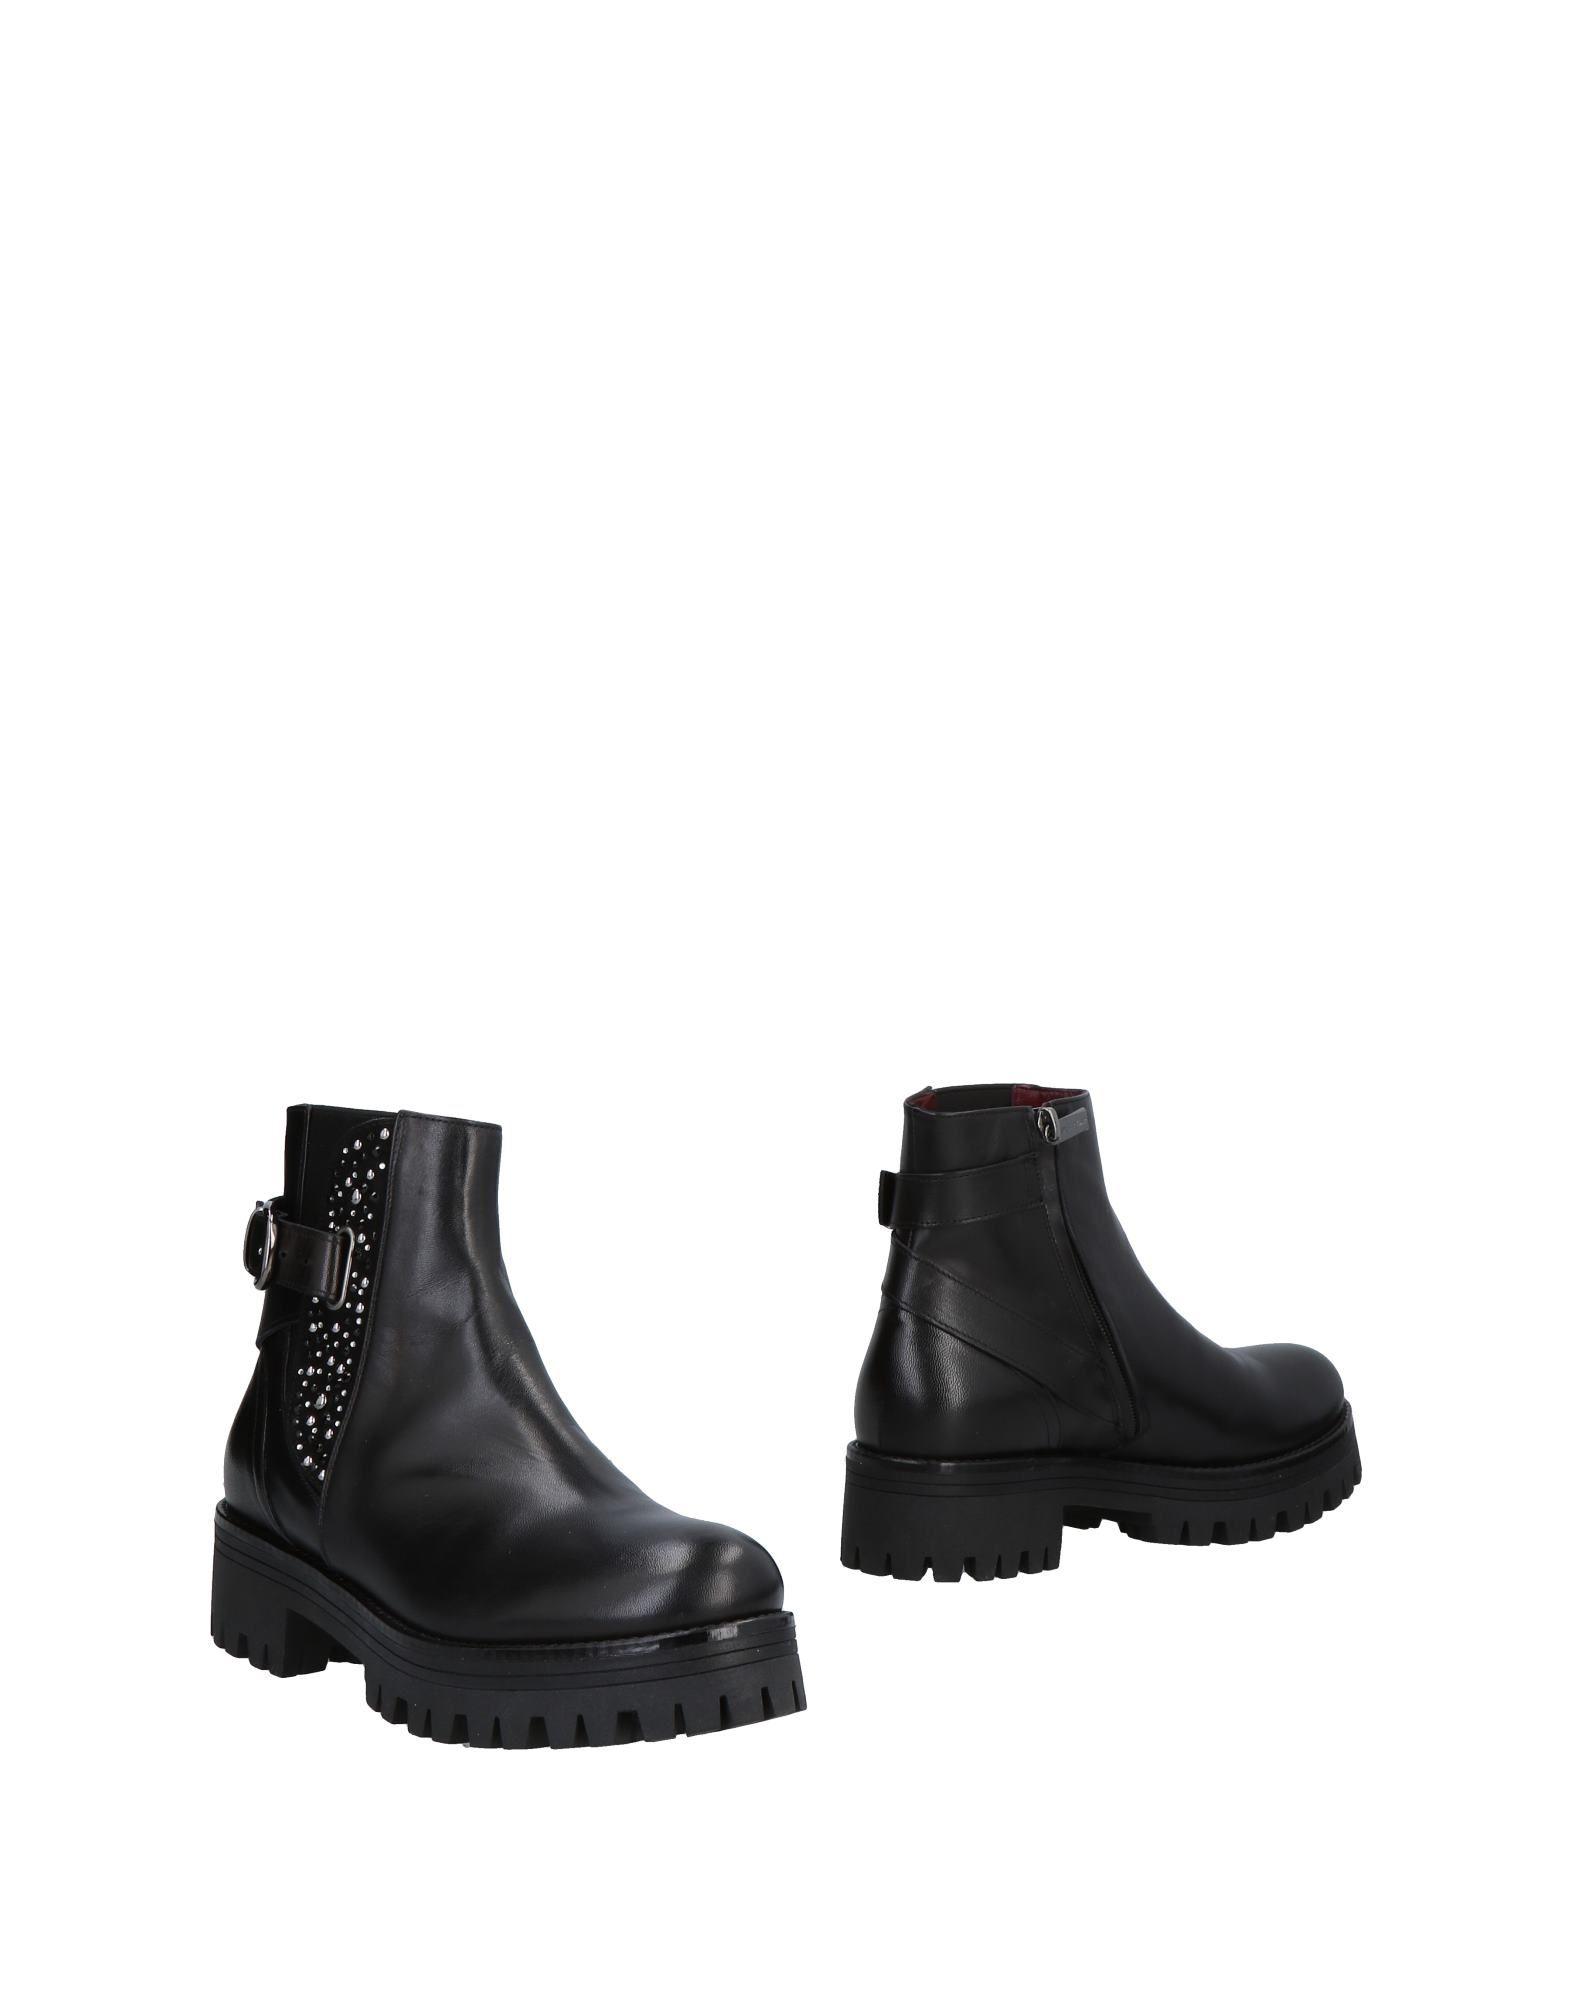 Bottine Loretta Pettinari Femme - Bottines Loretta Pettinari Noir Nouvelles chaussures pour hommes et femmes, remise limitée dans le temps